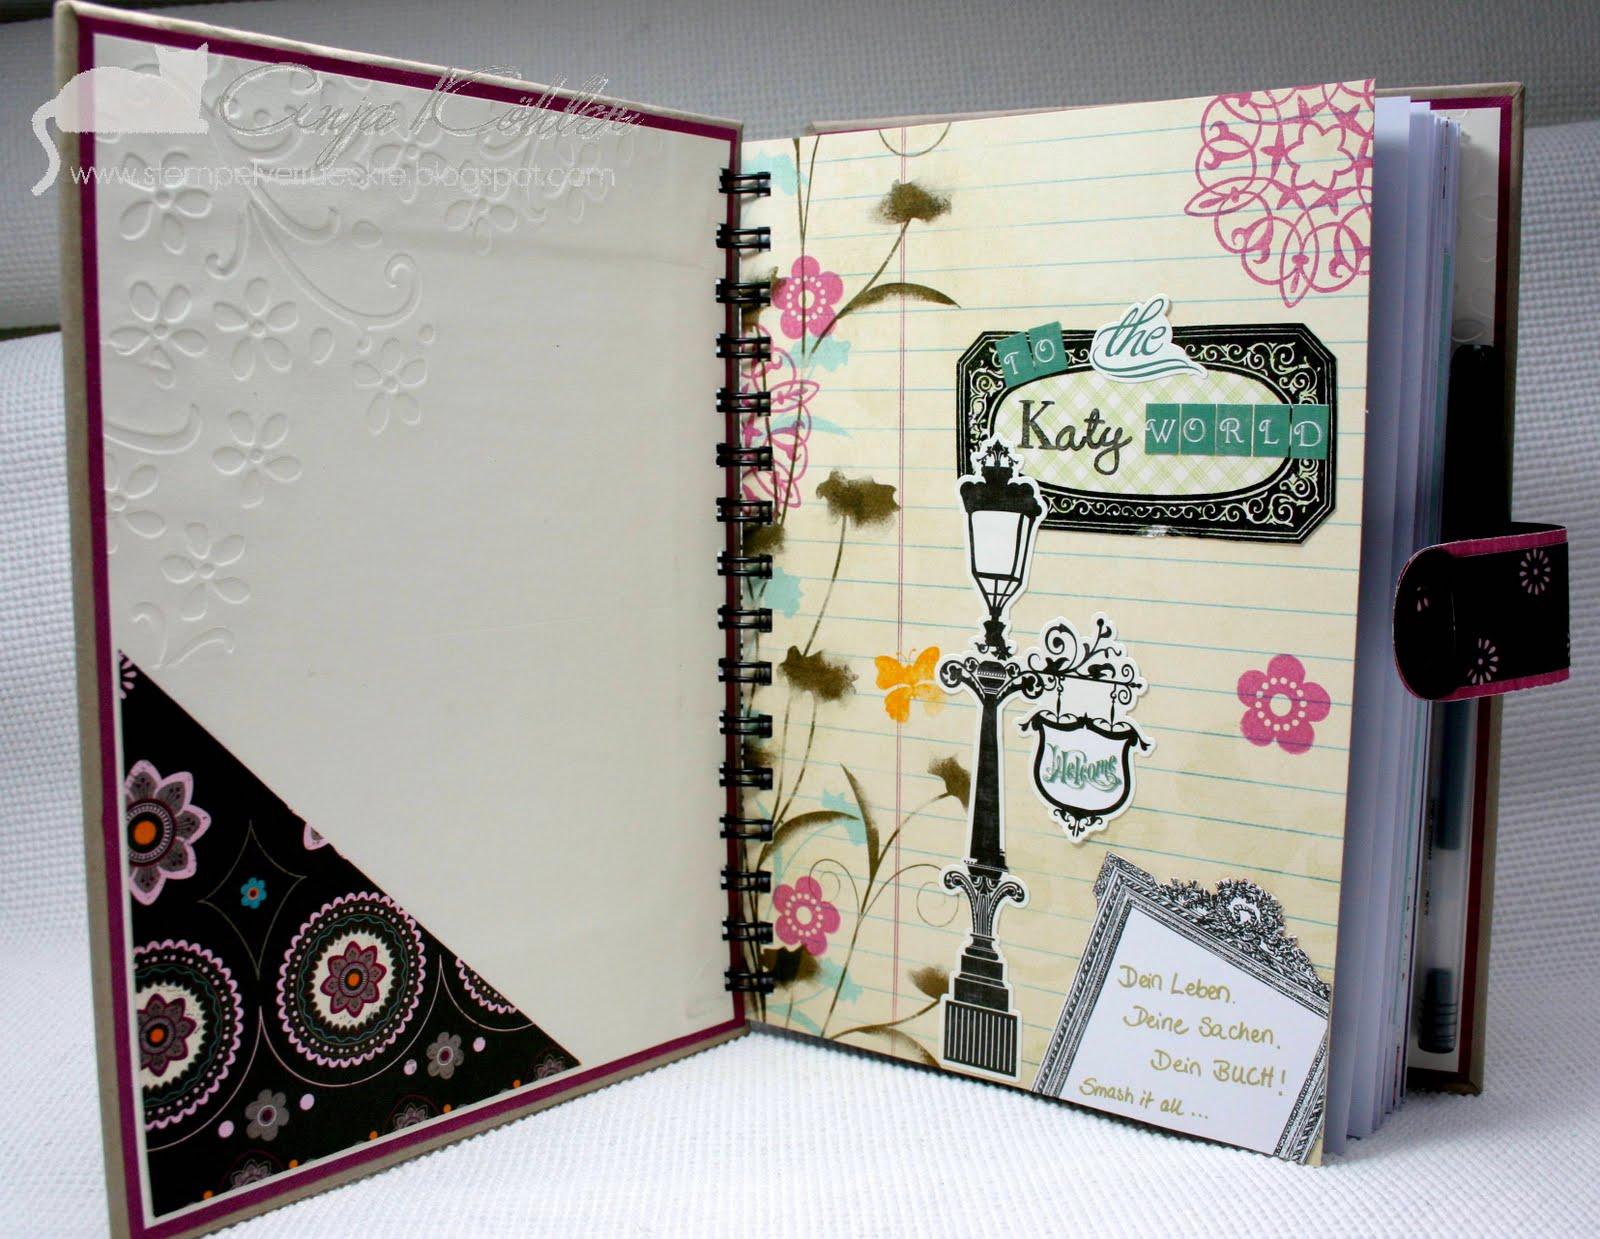 bastelblog von anja katy ein smash book. Black Bedroom Furniture Sets. Home Design Ideas